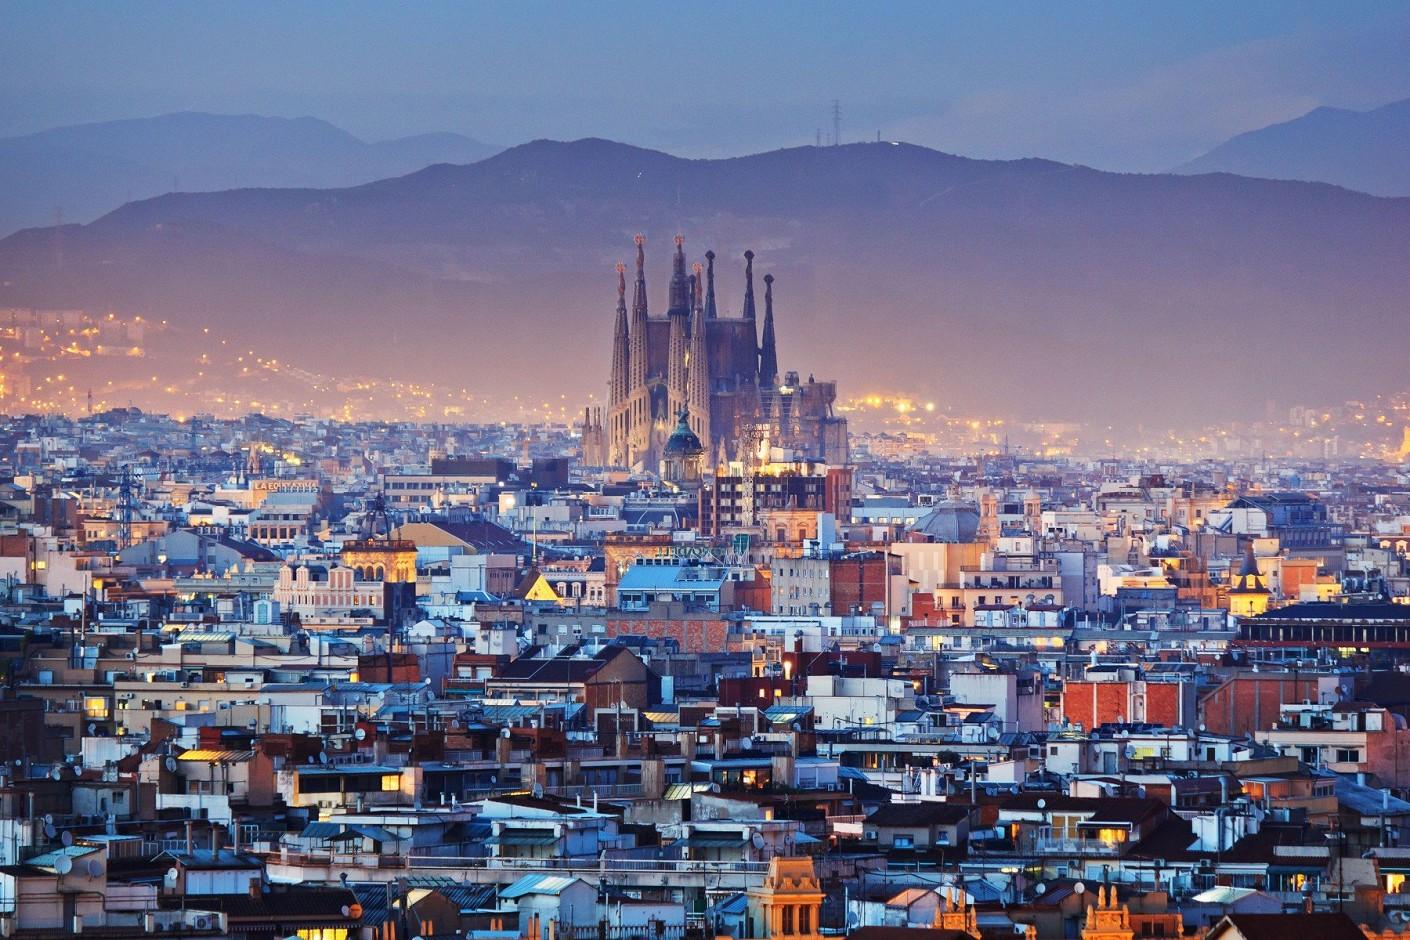 Ką verta žinoti prieš vykstant į Barseloną?